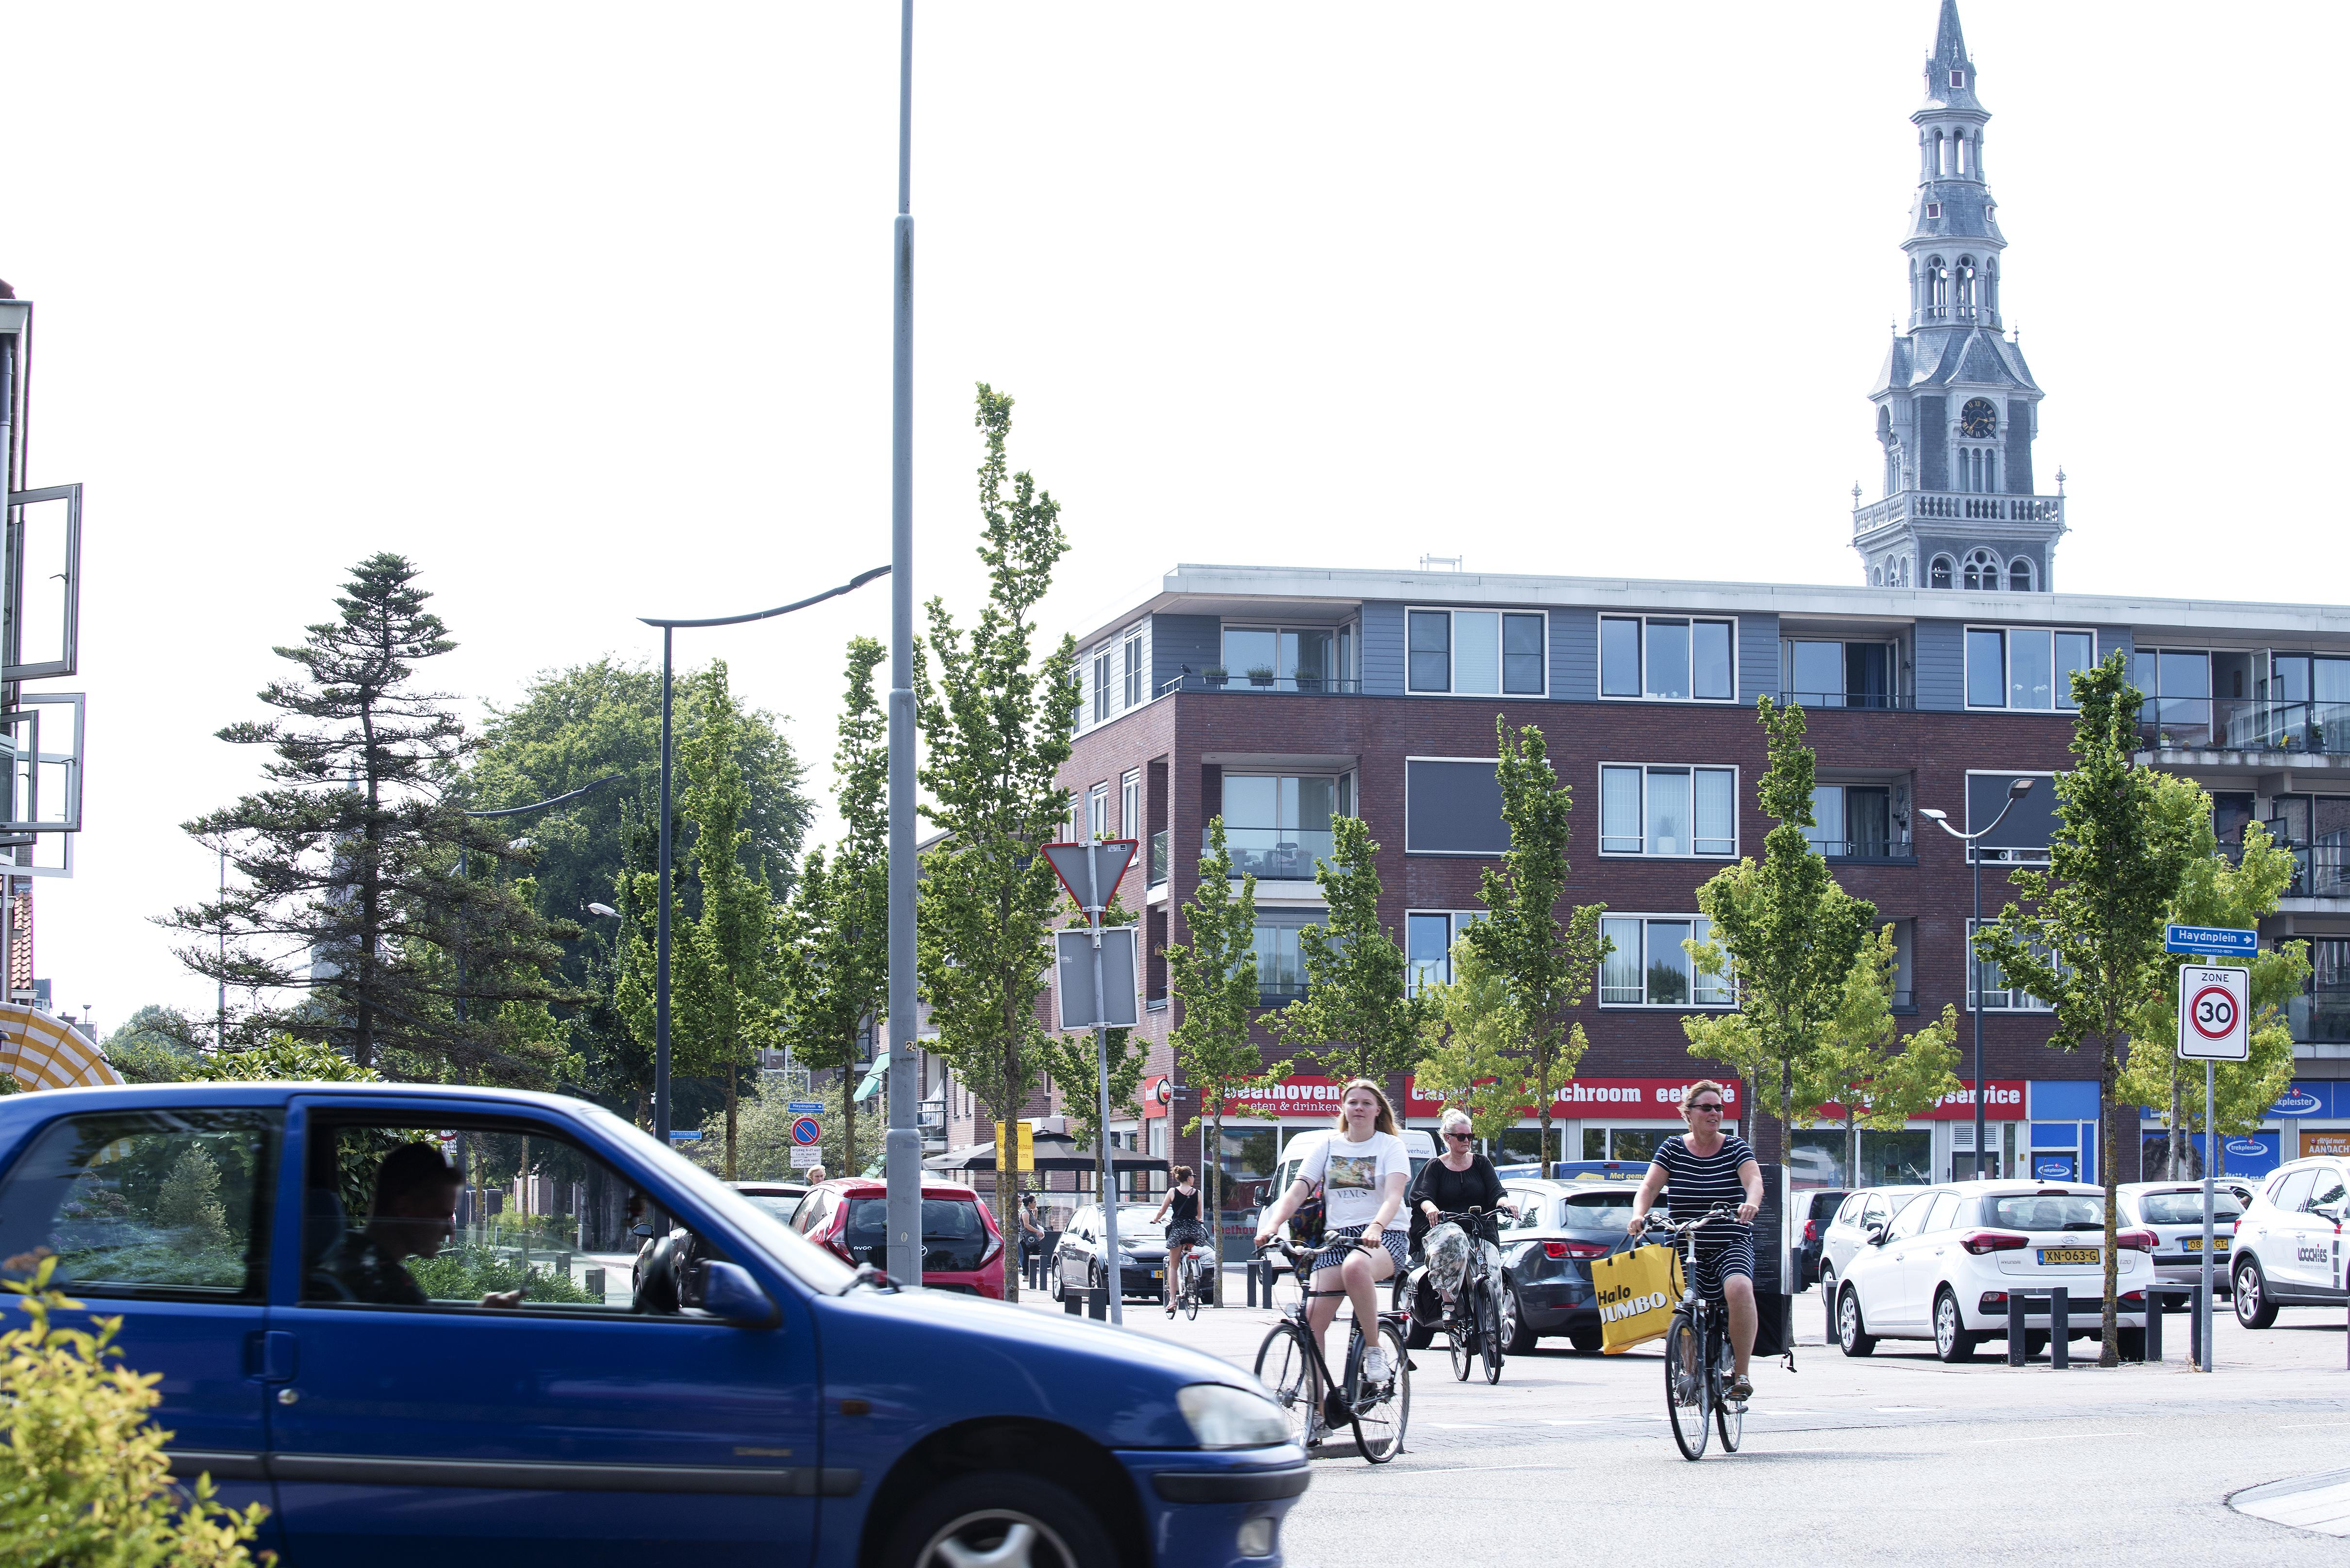 Te vaak te hard gereden in Heemskerk, vinden bewoners